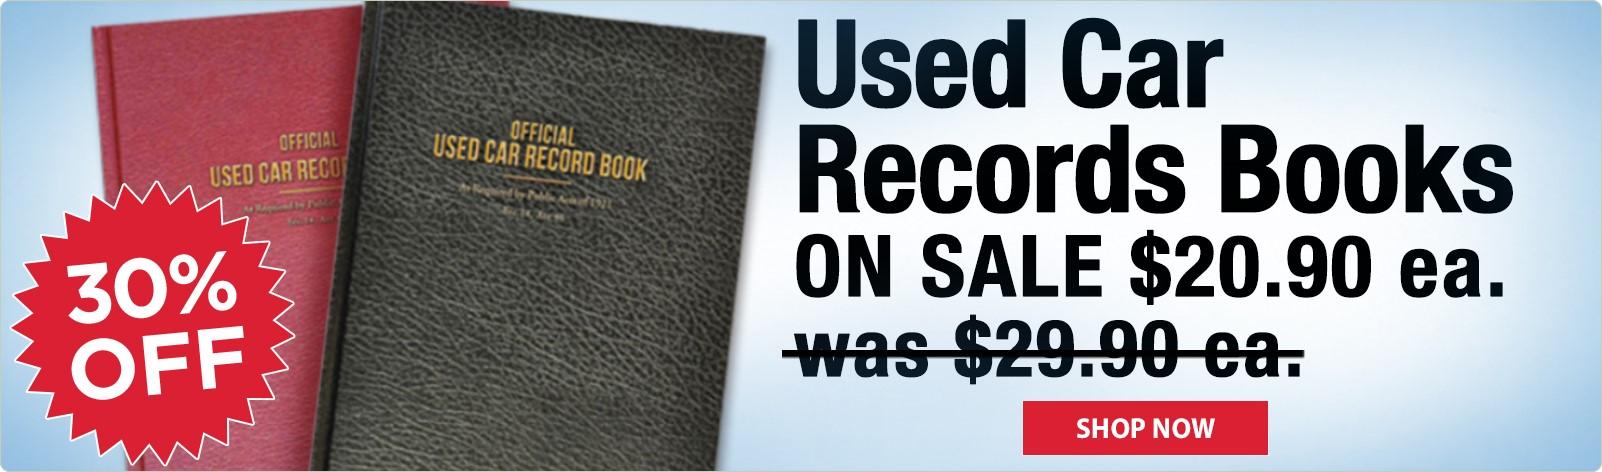 Used Car Record Books ON SALE - $20.90 ea.!